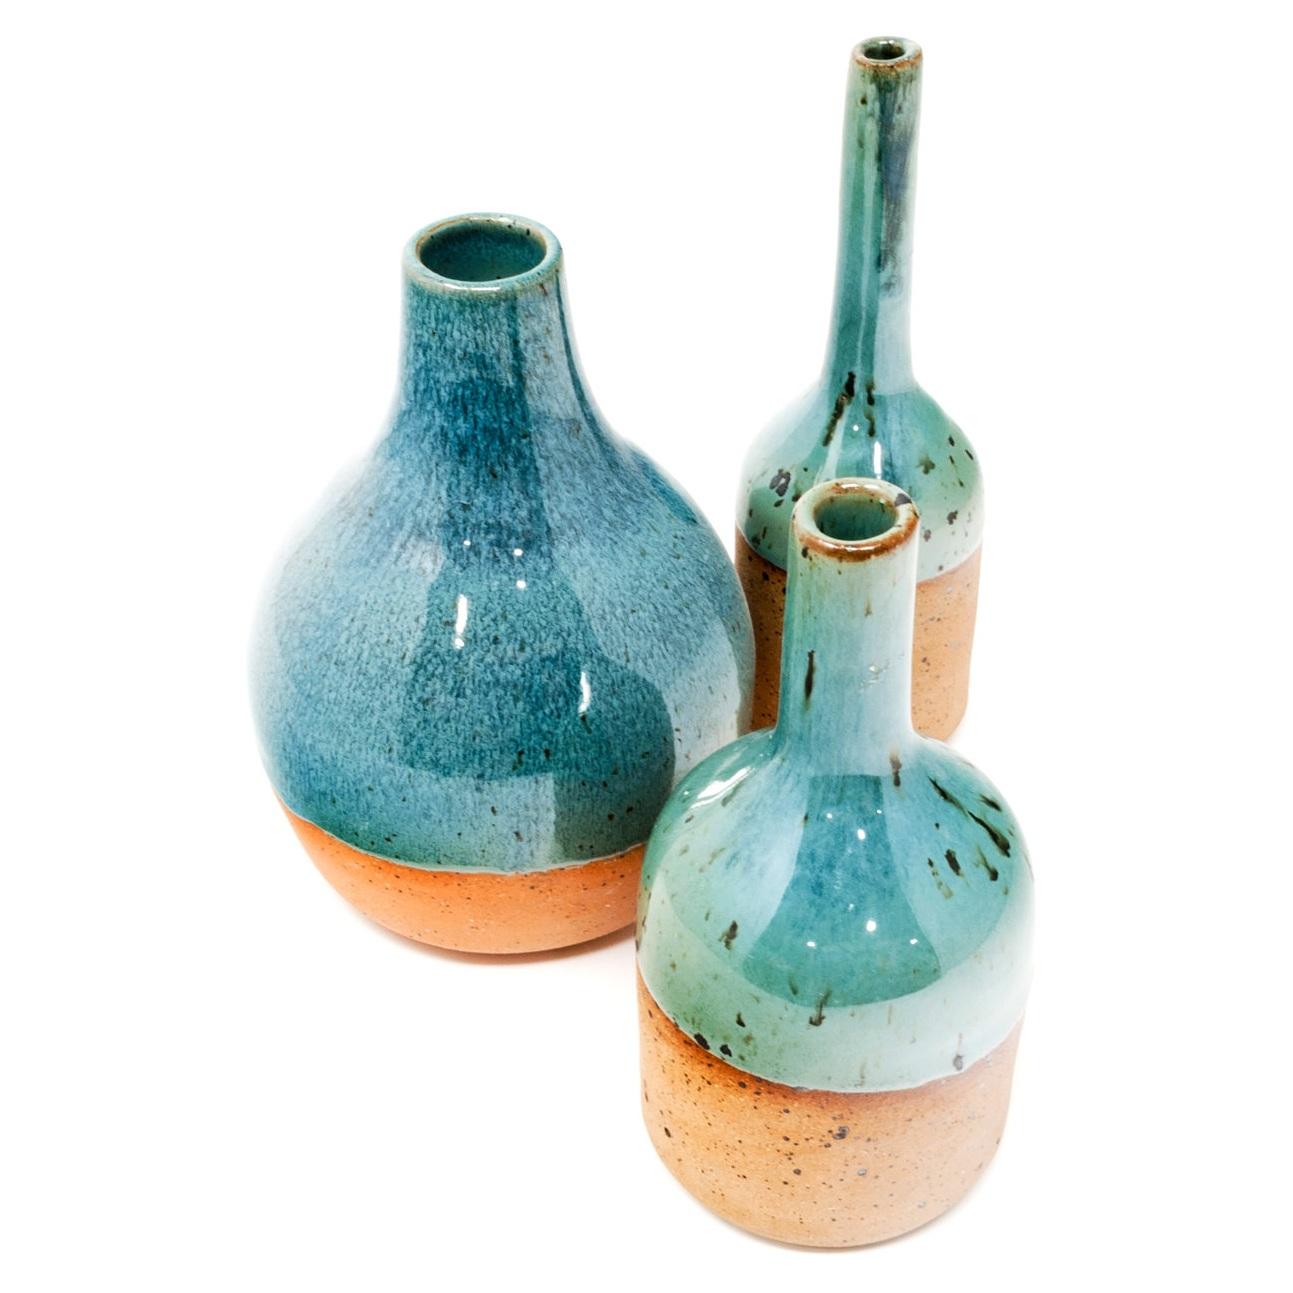 vase-002.JPG